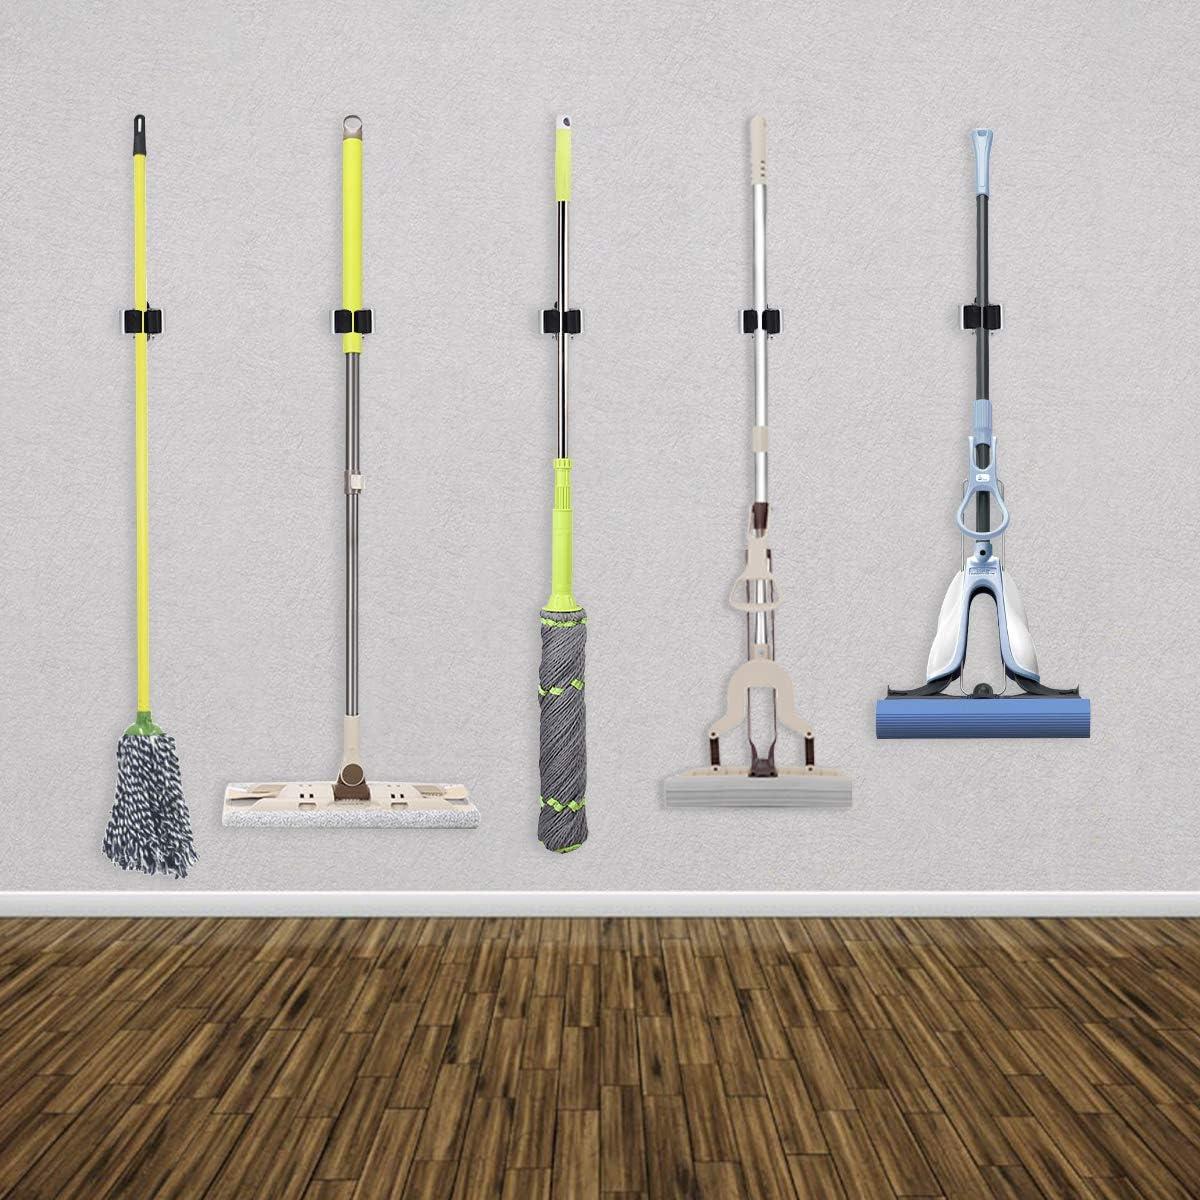 Broom Clip,Broom Mop Organizer for Batchroom Garden Garage 3-H Broom Holder Wall Mount,Broom Hanger Yellow